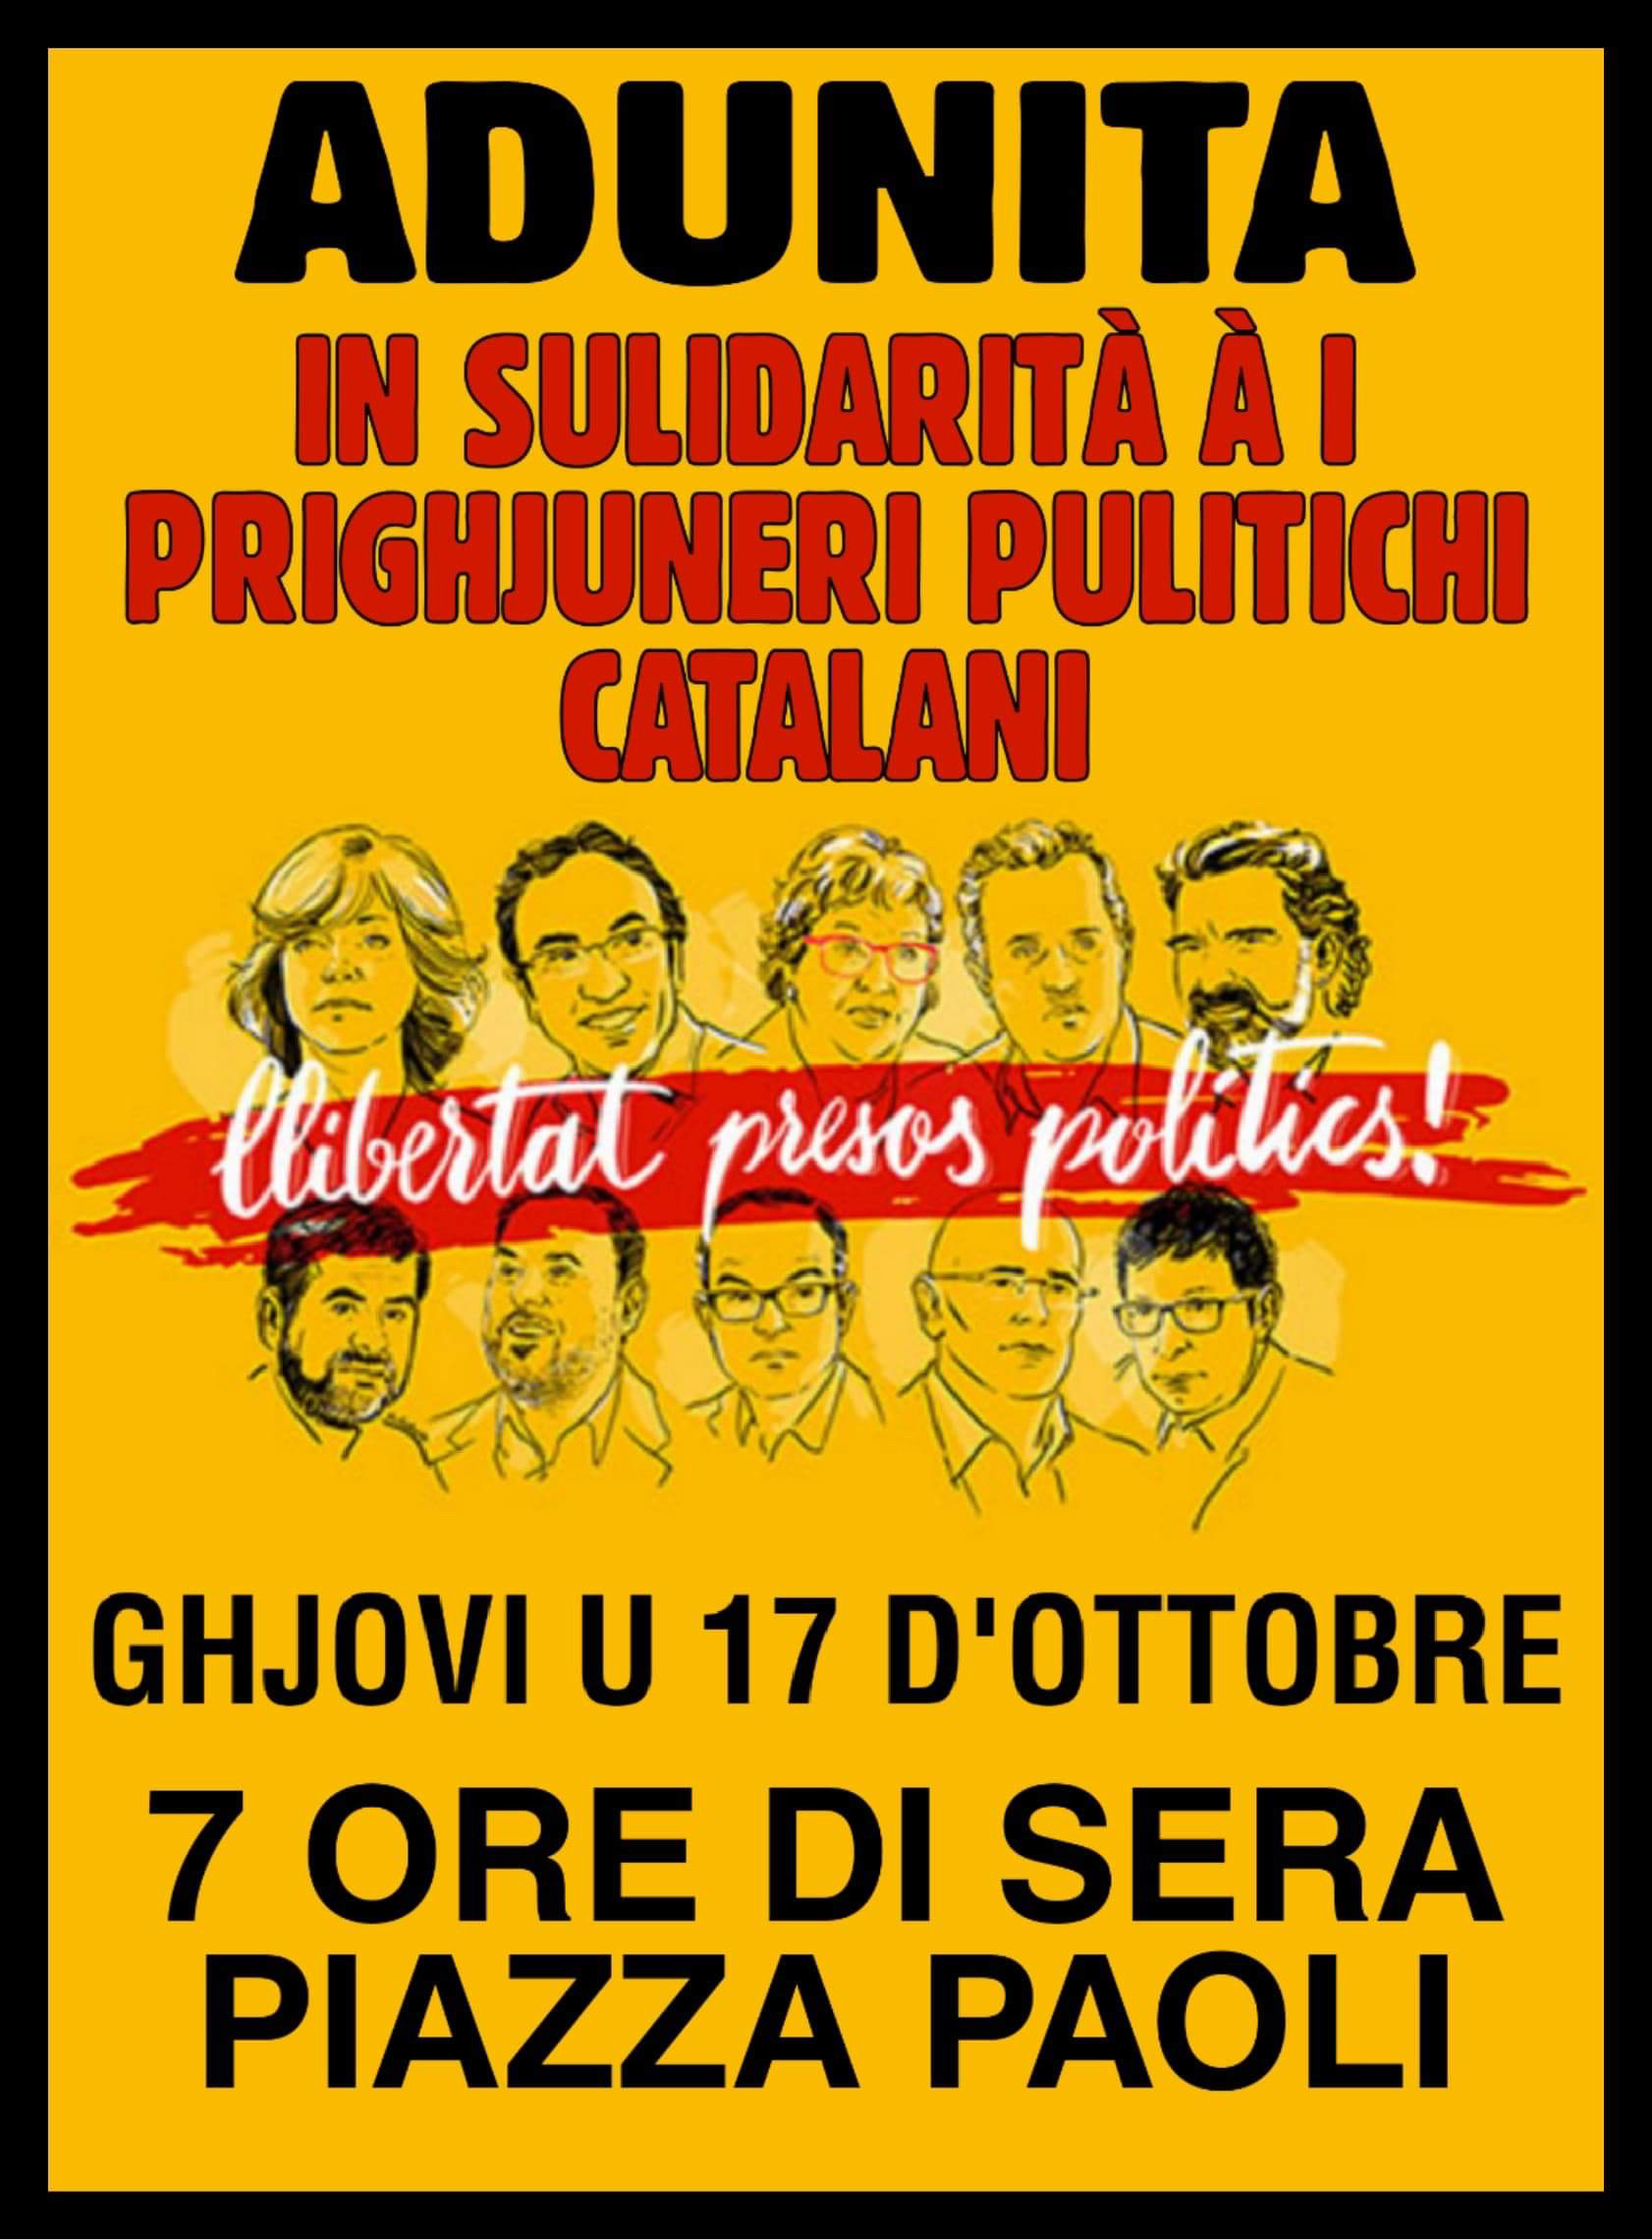 Adunita in Corti in sulidarità a i prighjuneri pulitichi catalani